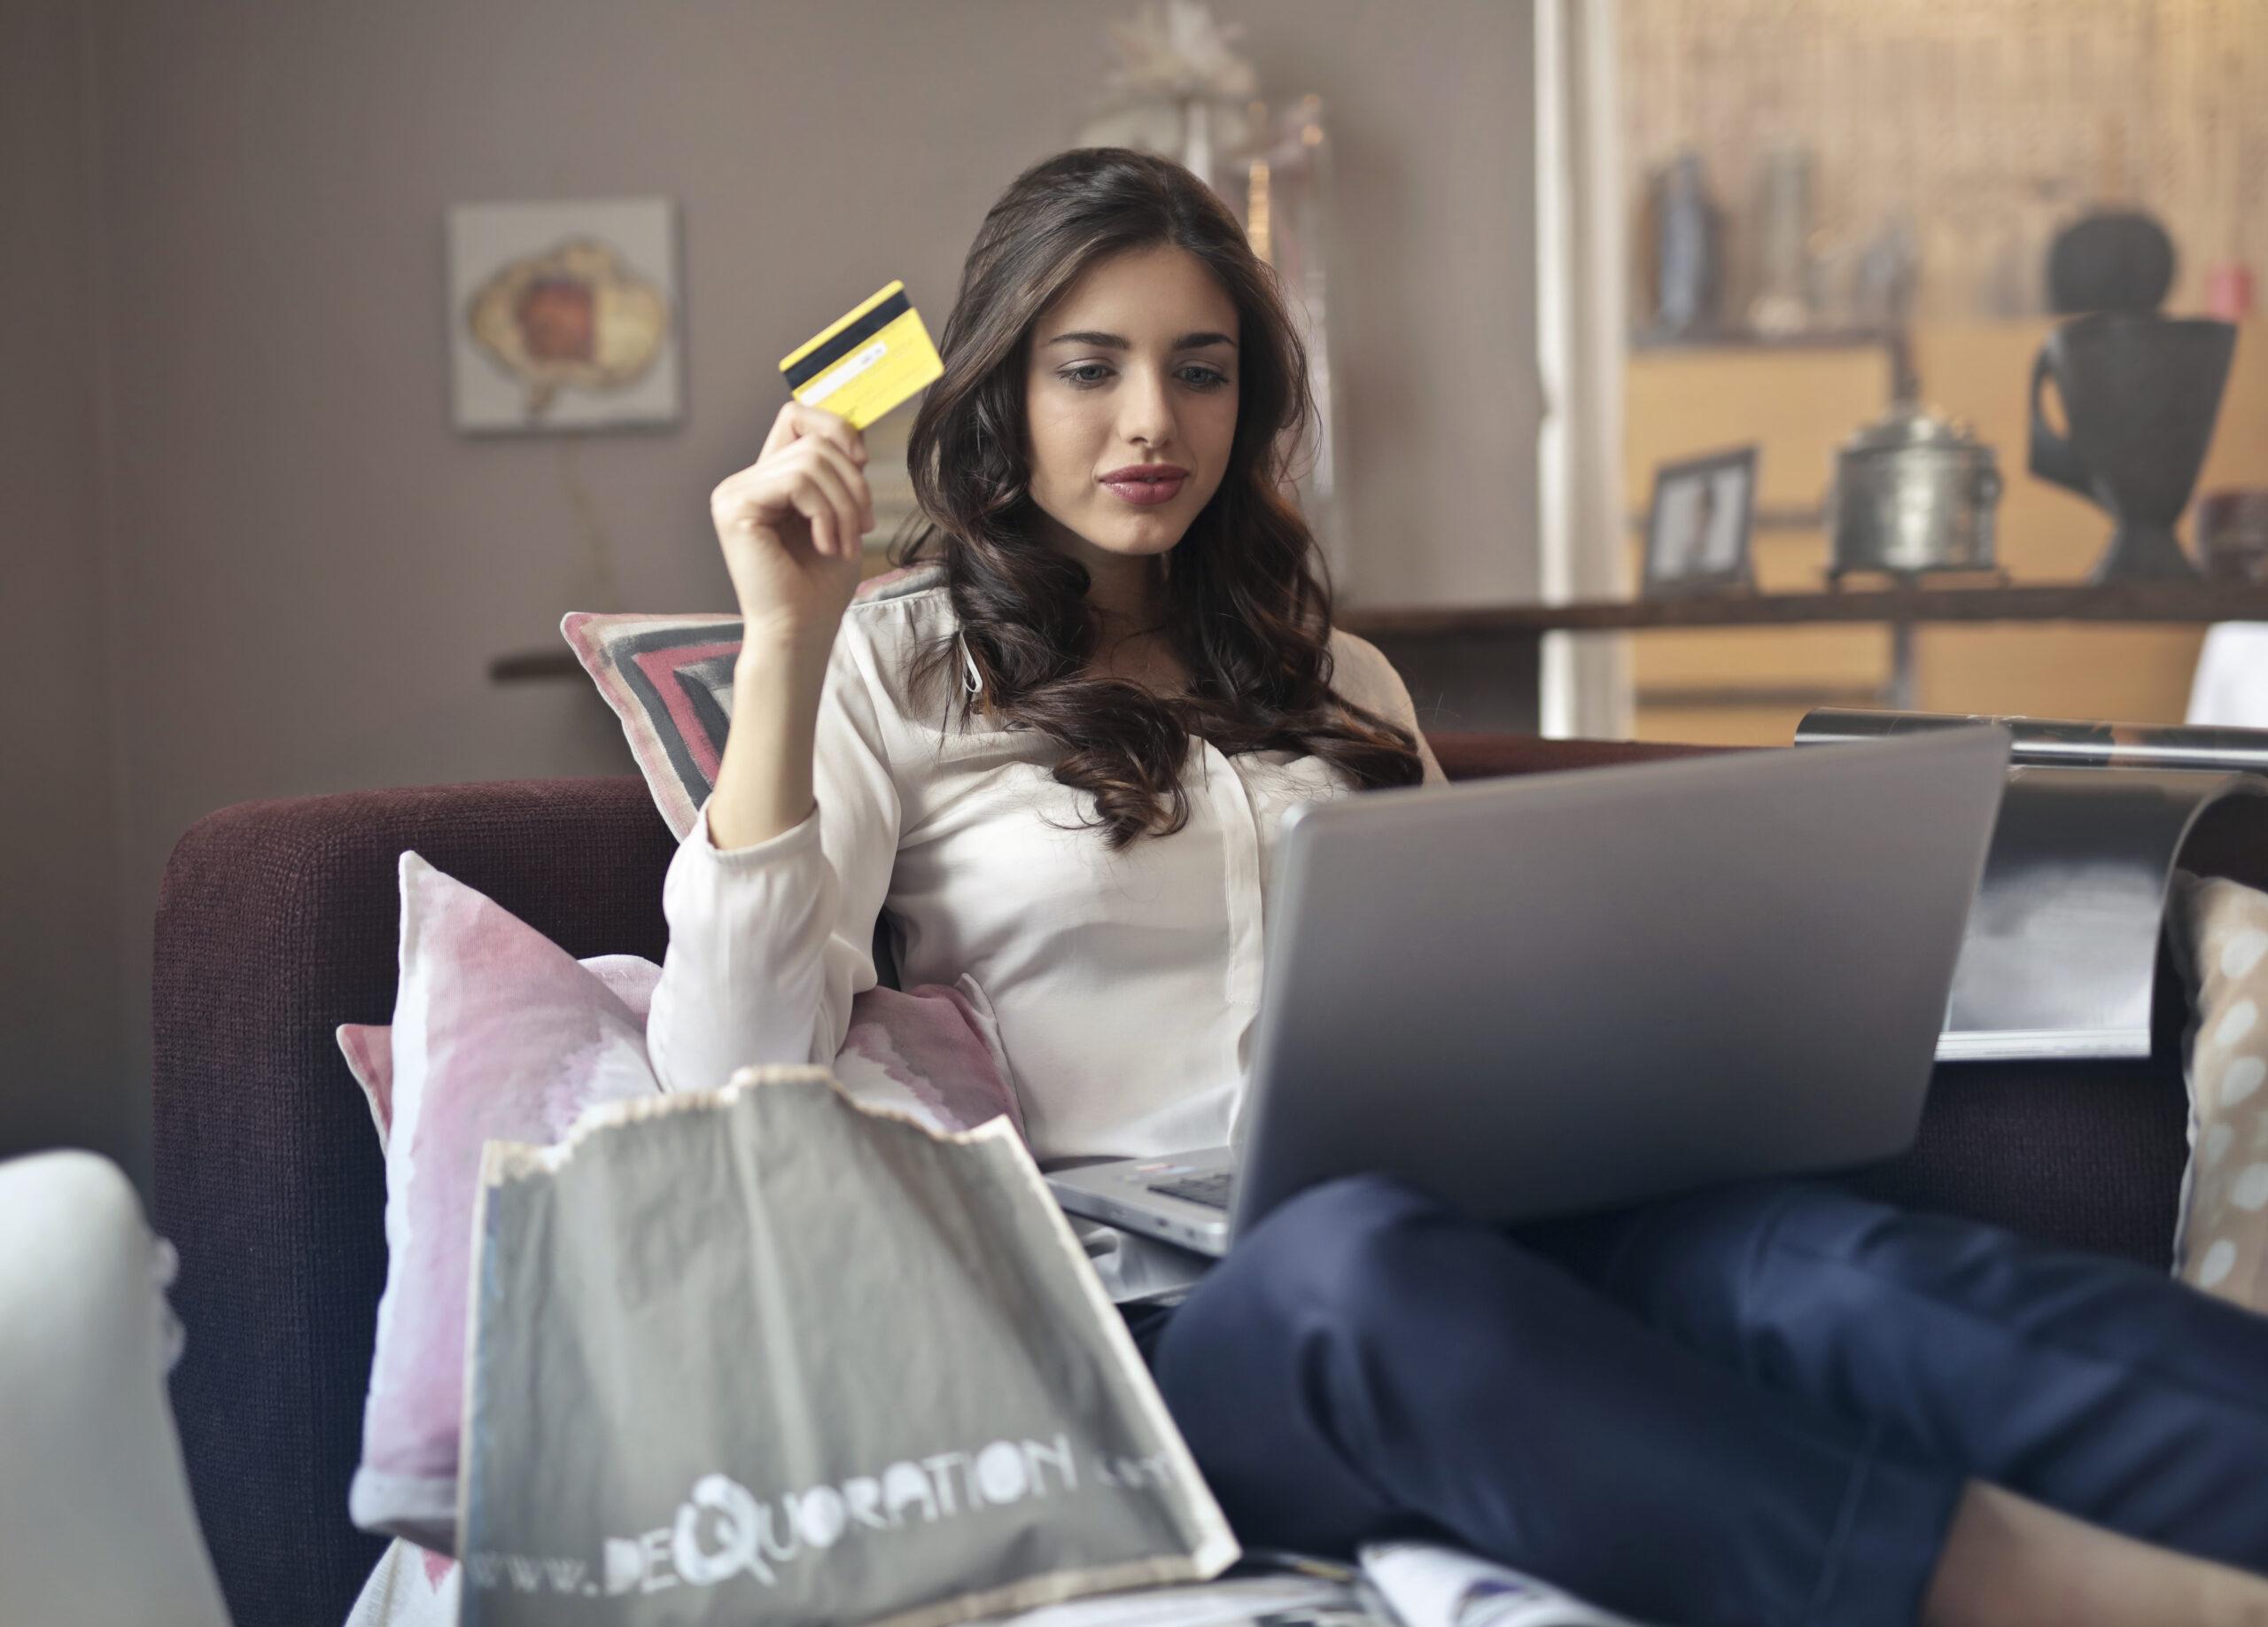 De voordelen van online boodschappen doen